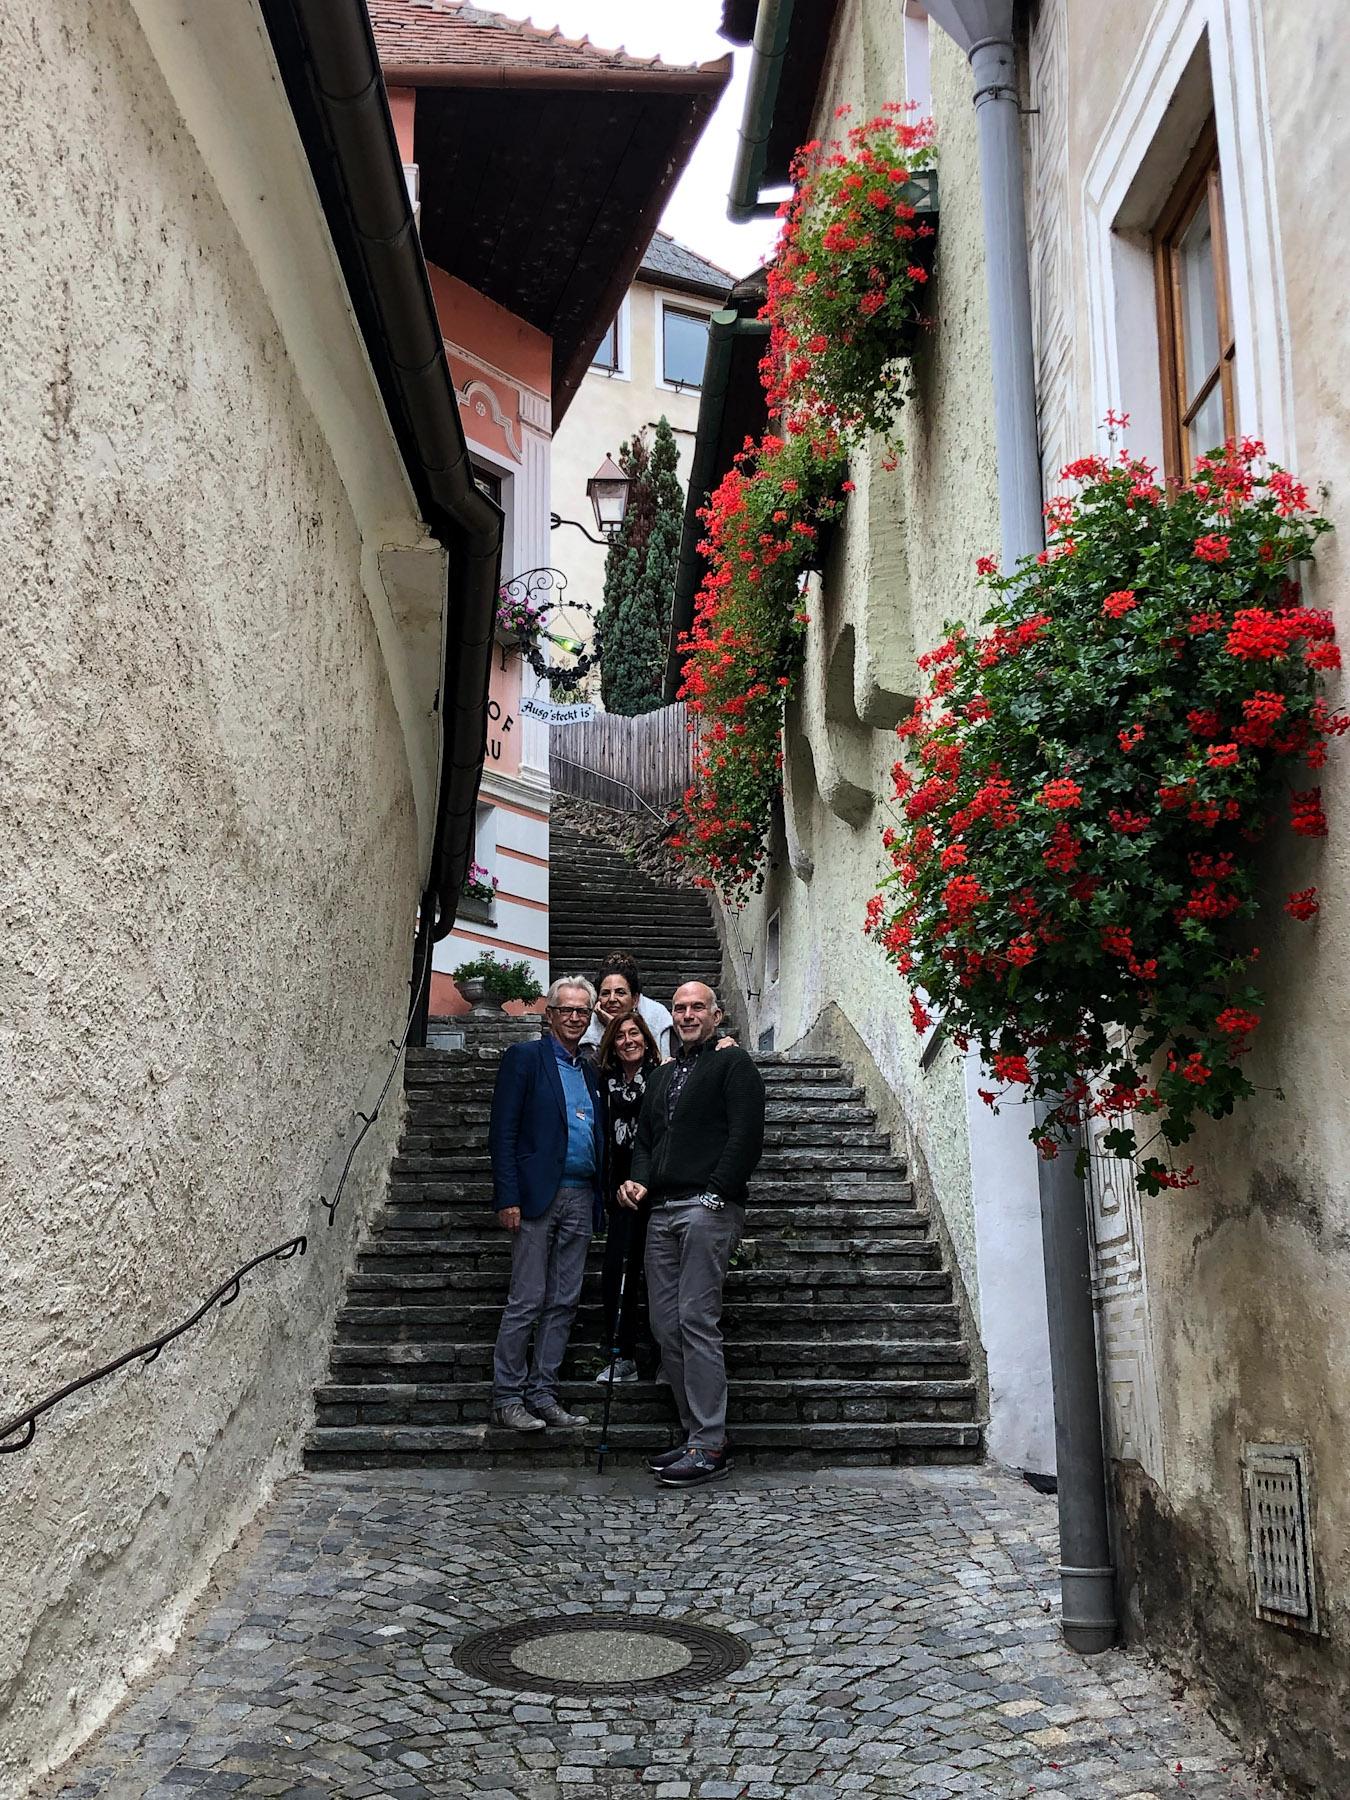 Weißenkirchen in der Wachau, Austria